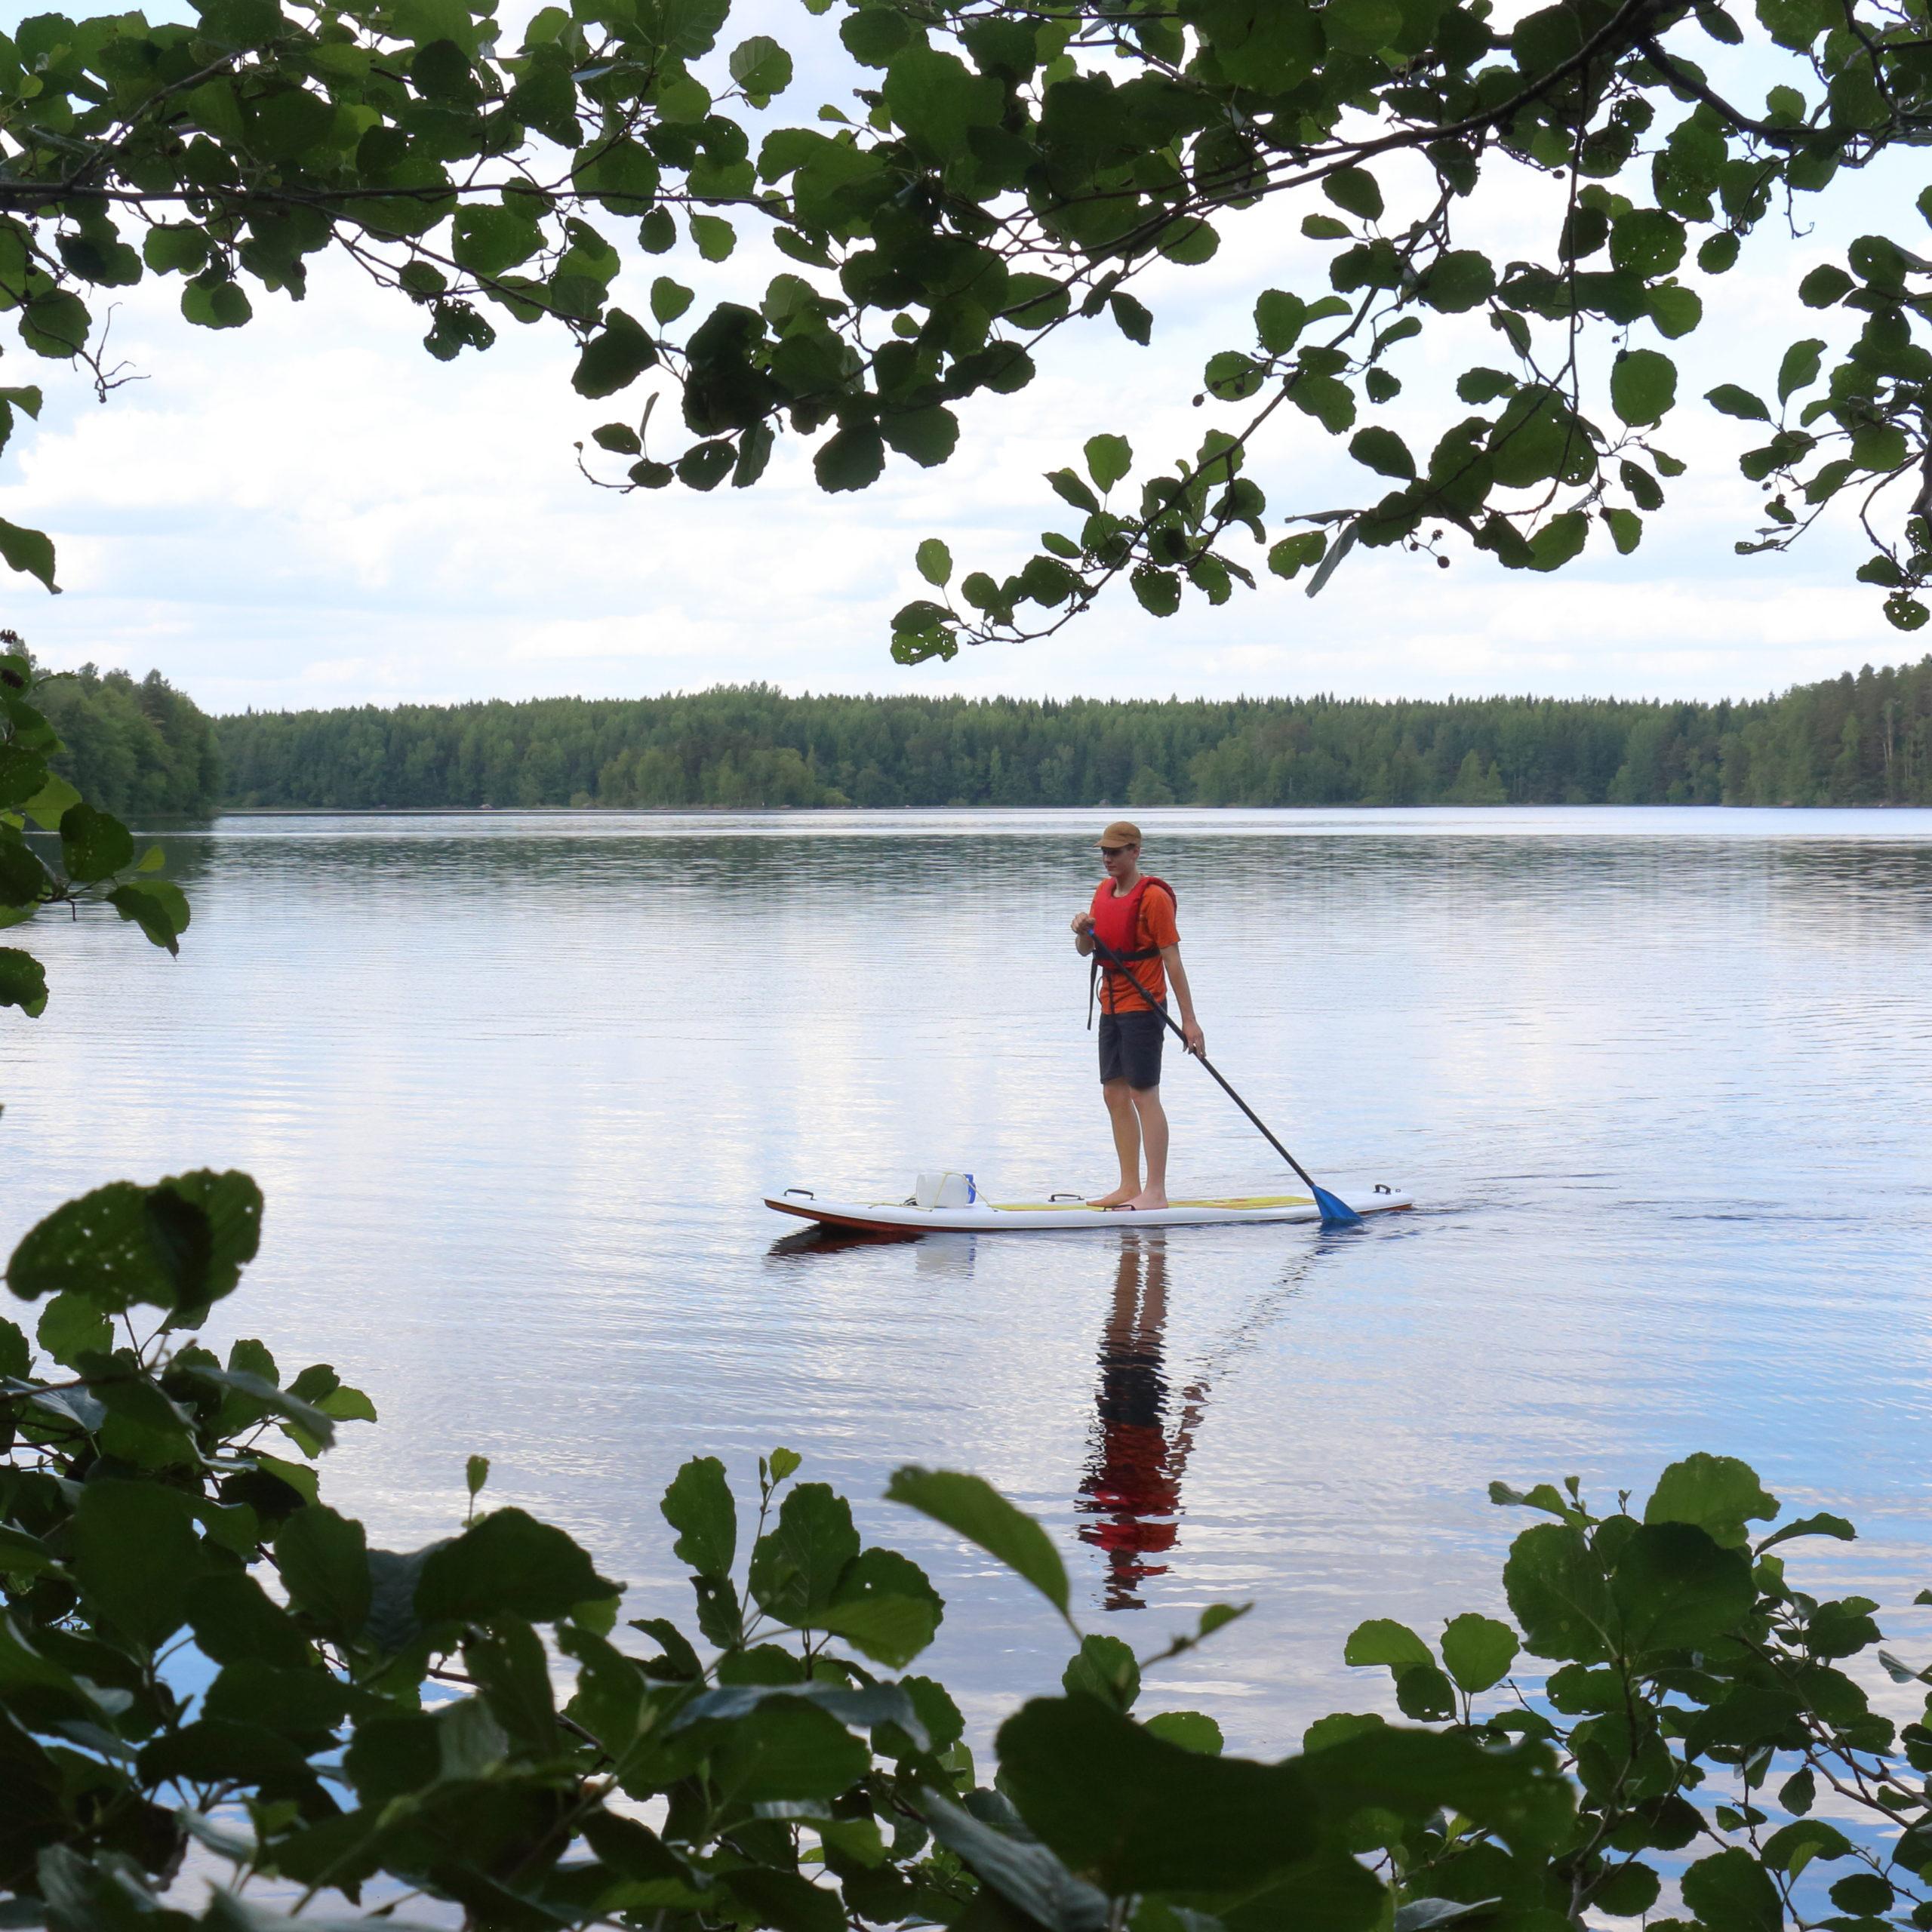 Erärenki_liesjärven_kansallispuisto_sup_suplauta_supboarding